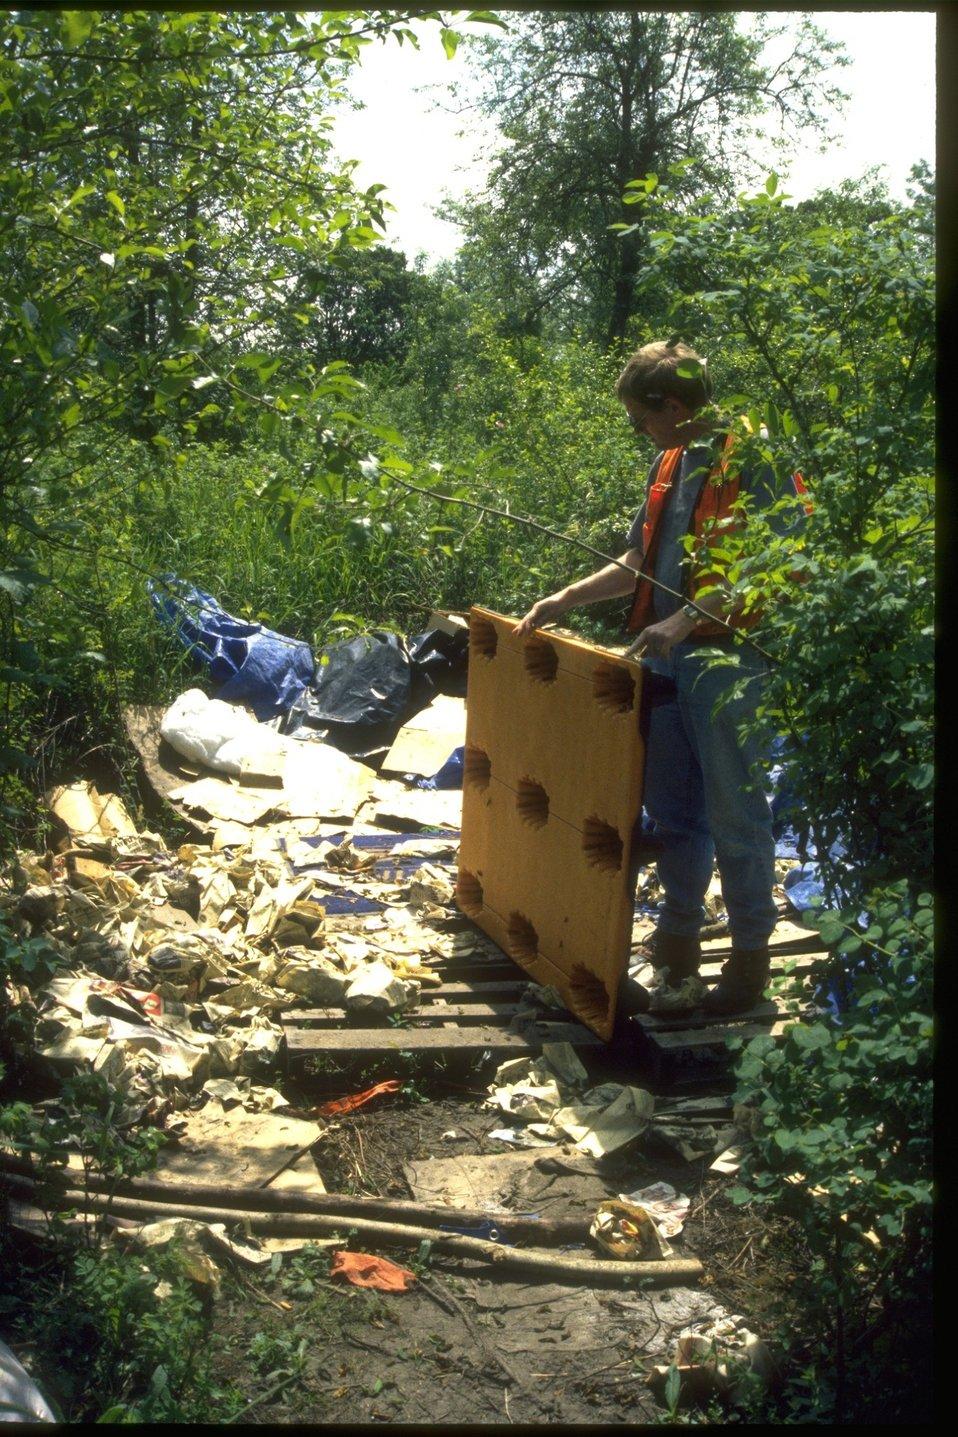 Trash dumping on public lands.